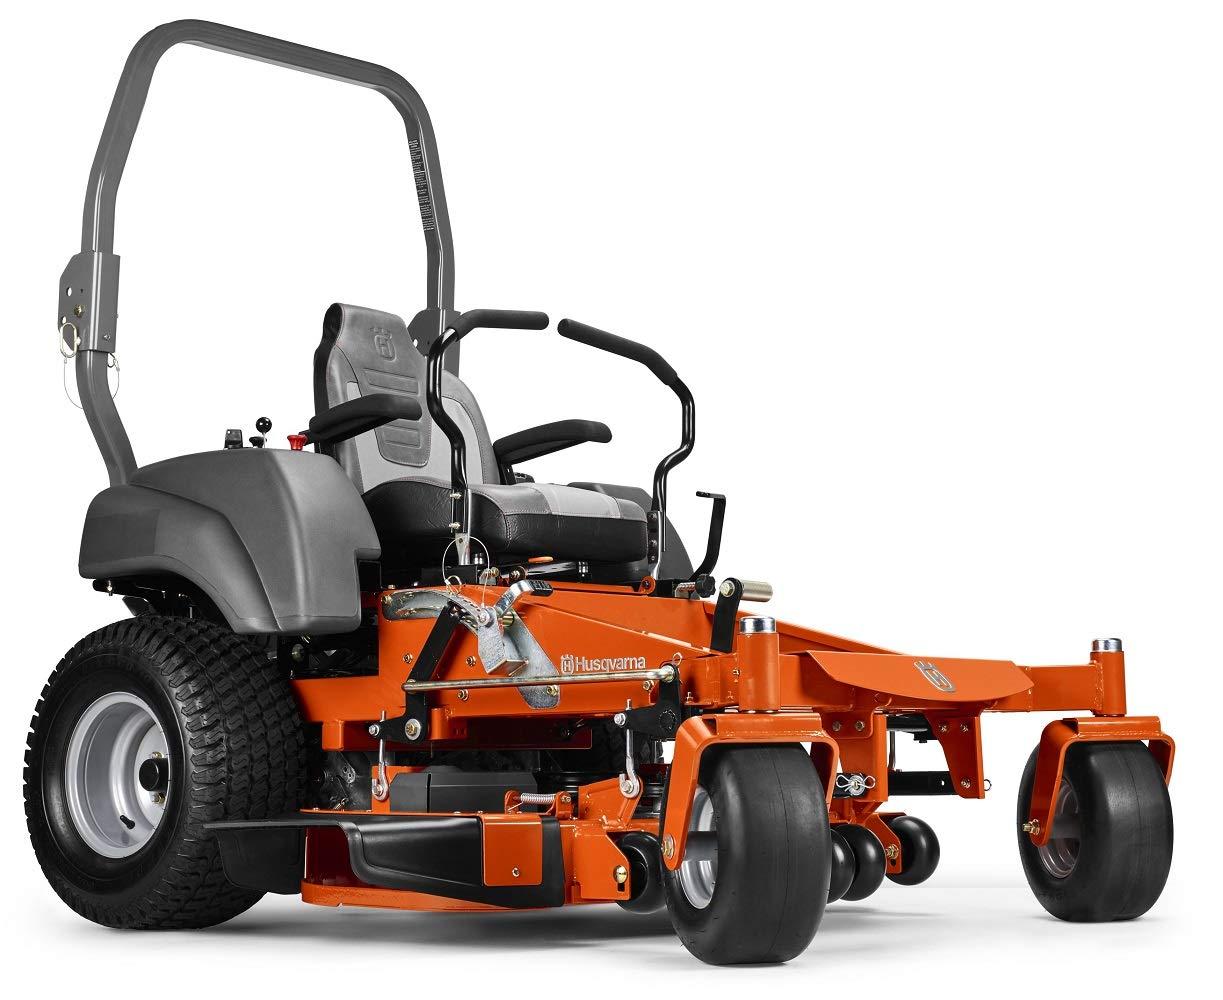 Craftsman T225 19 HP Briggs & Stratton Gold 46-Inch Gas Powered ...